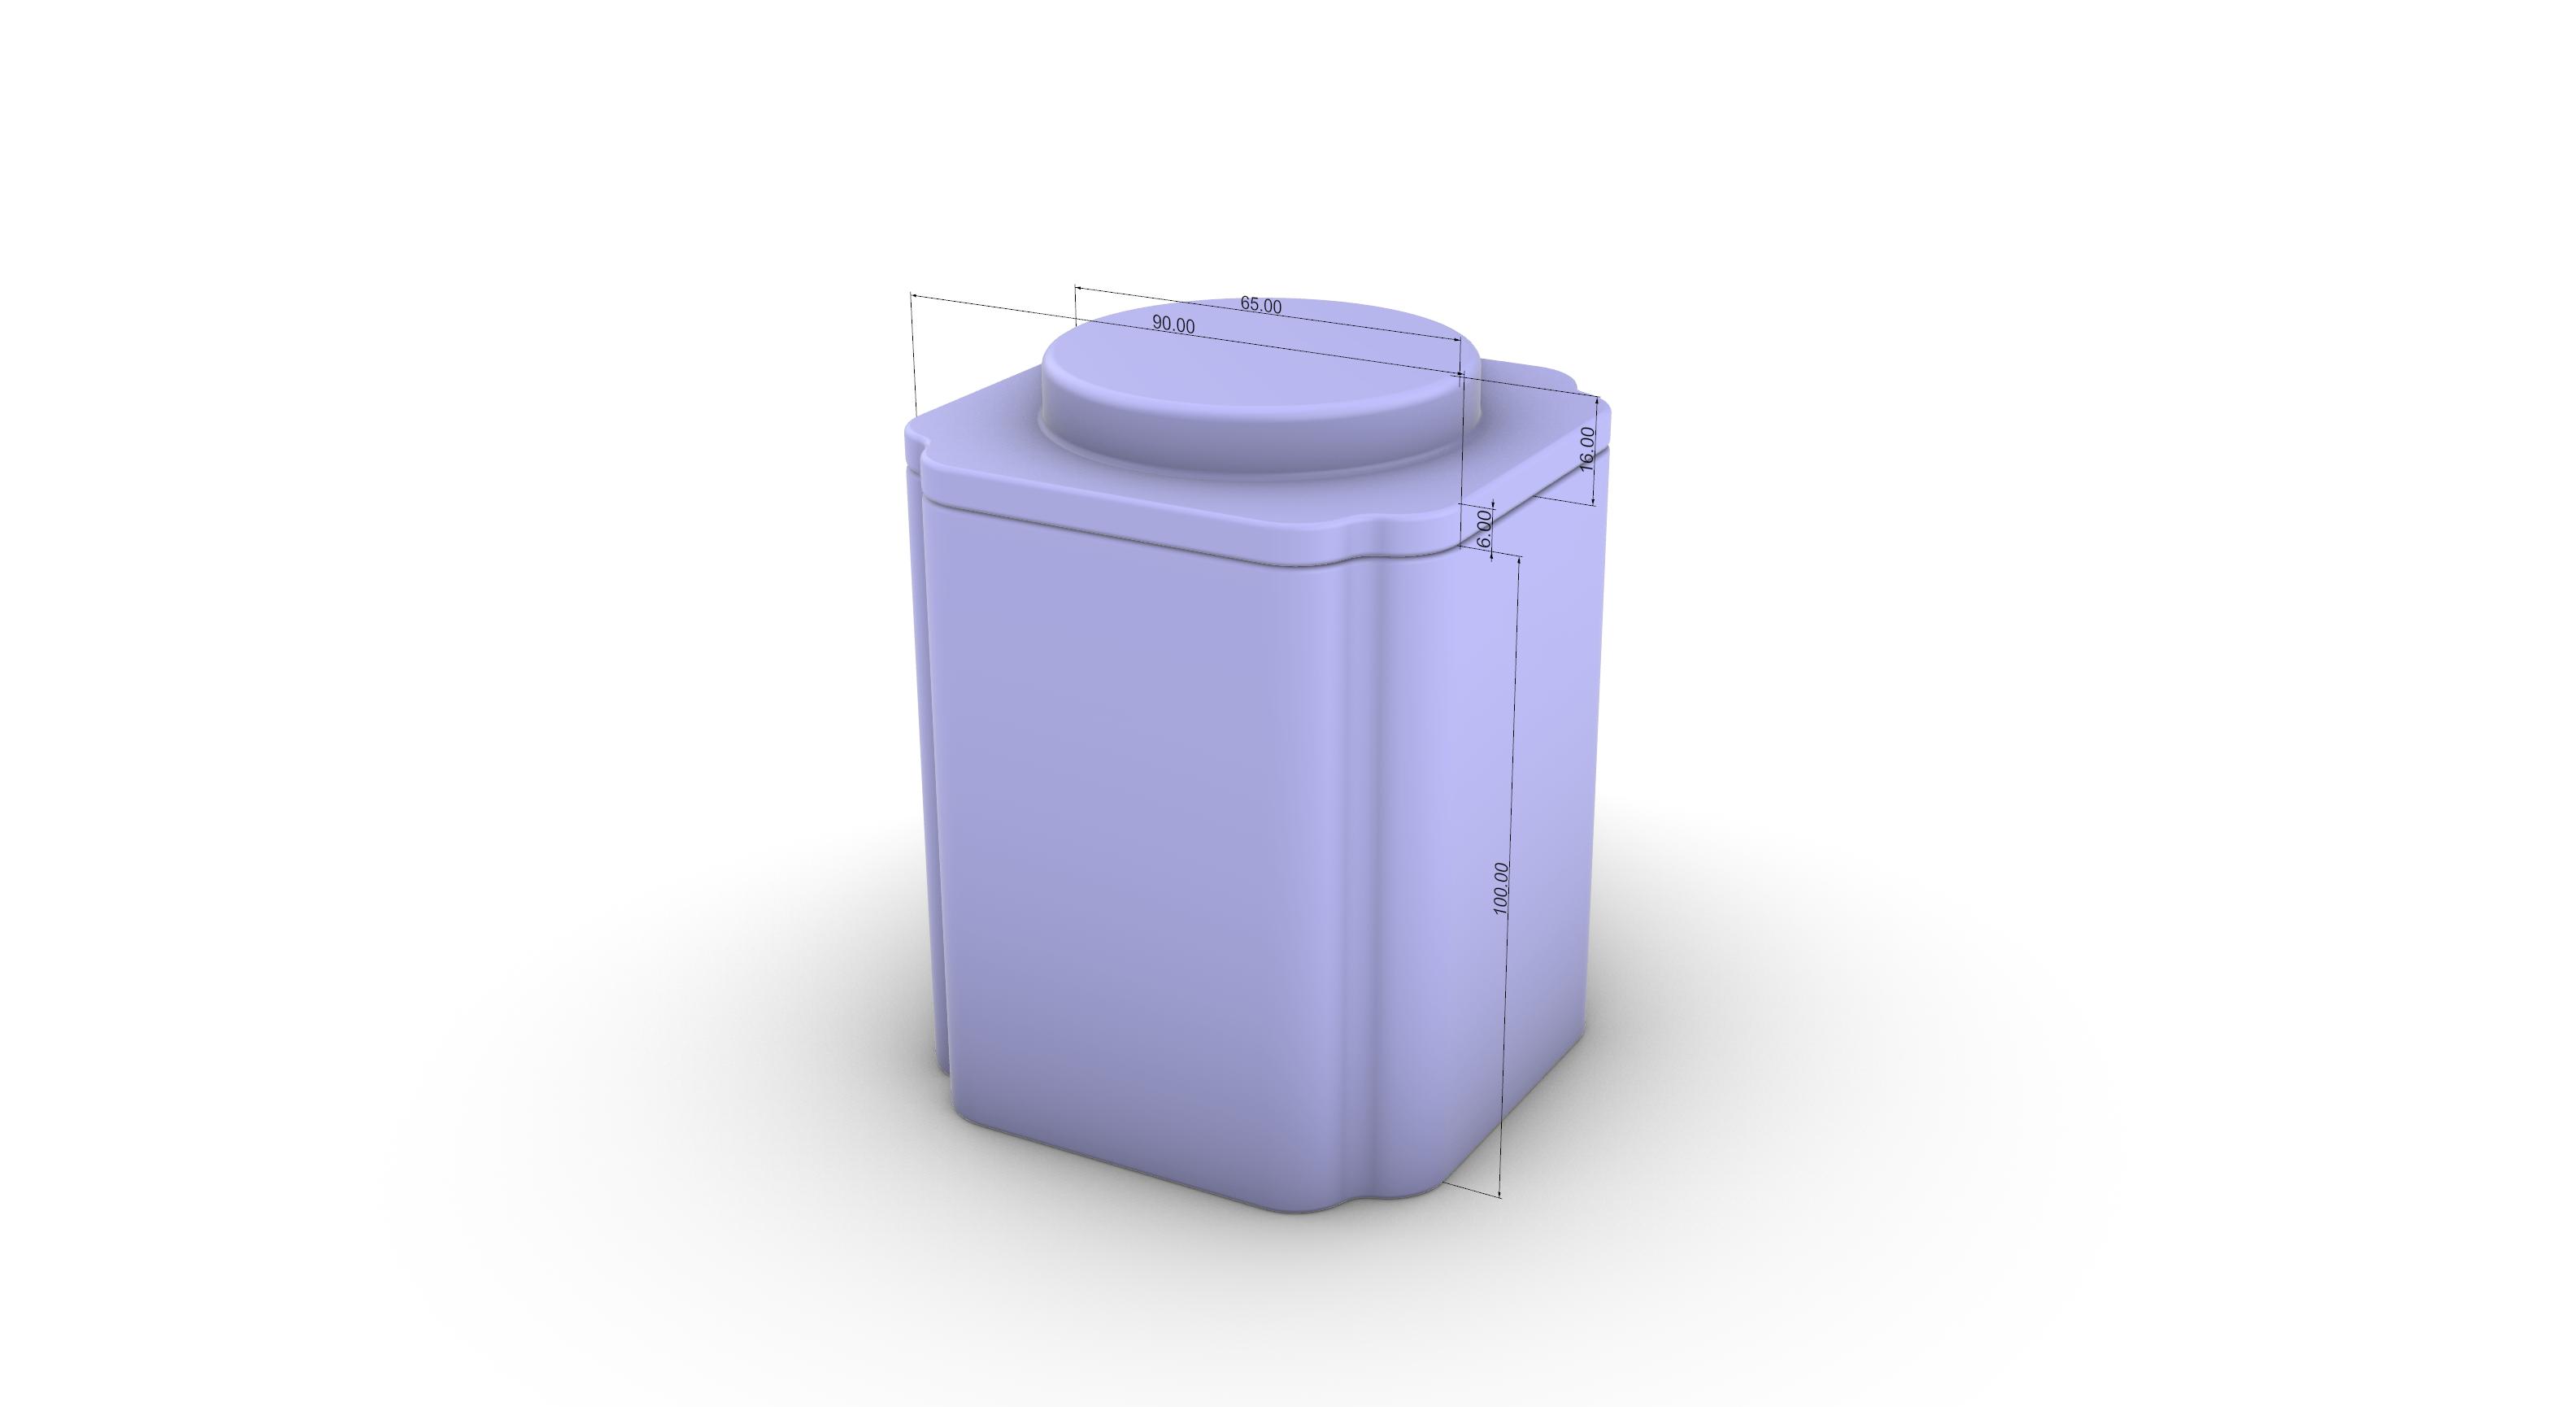 茶叶铁罐结构设计